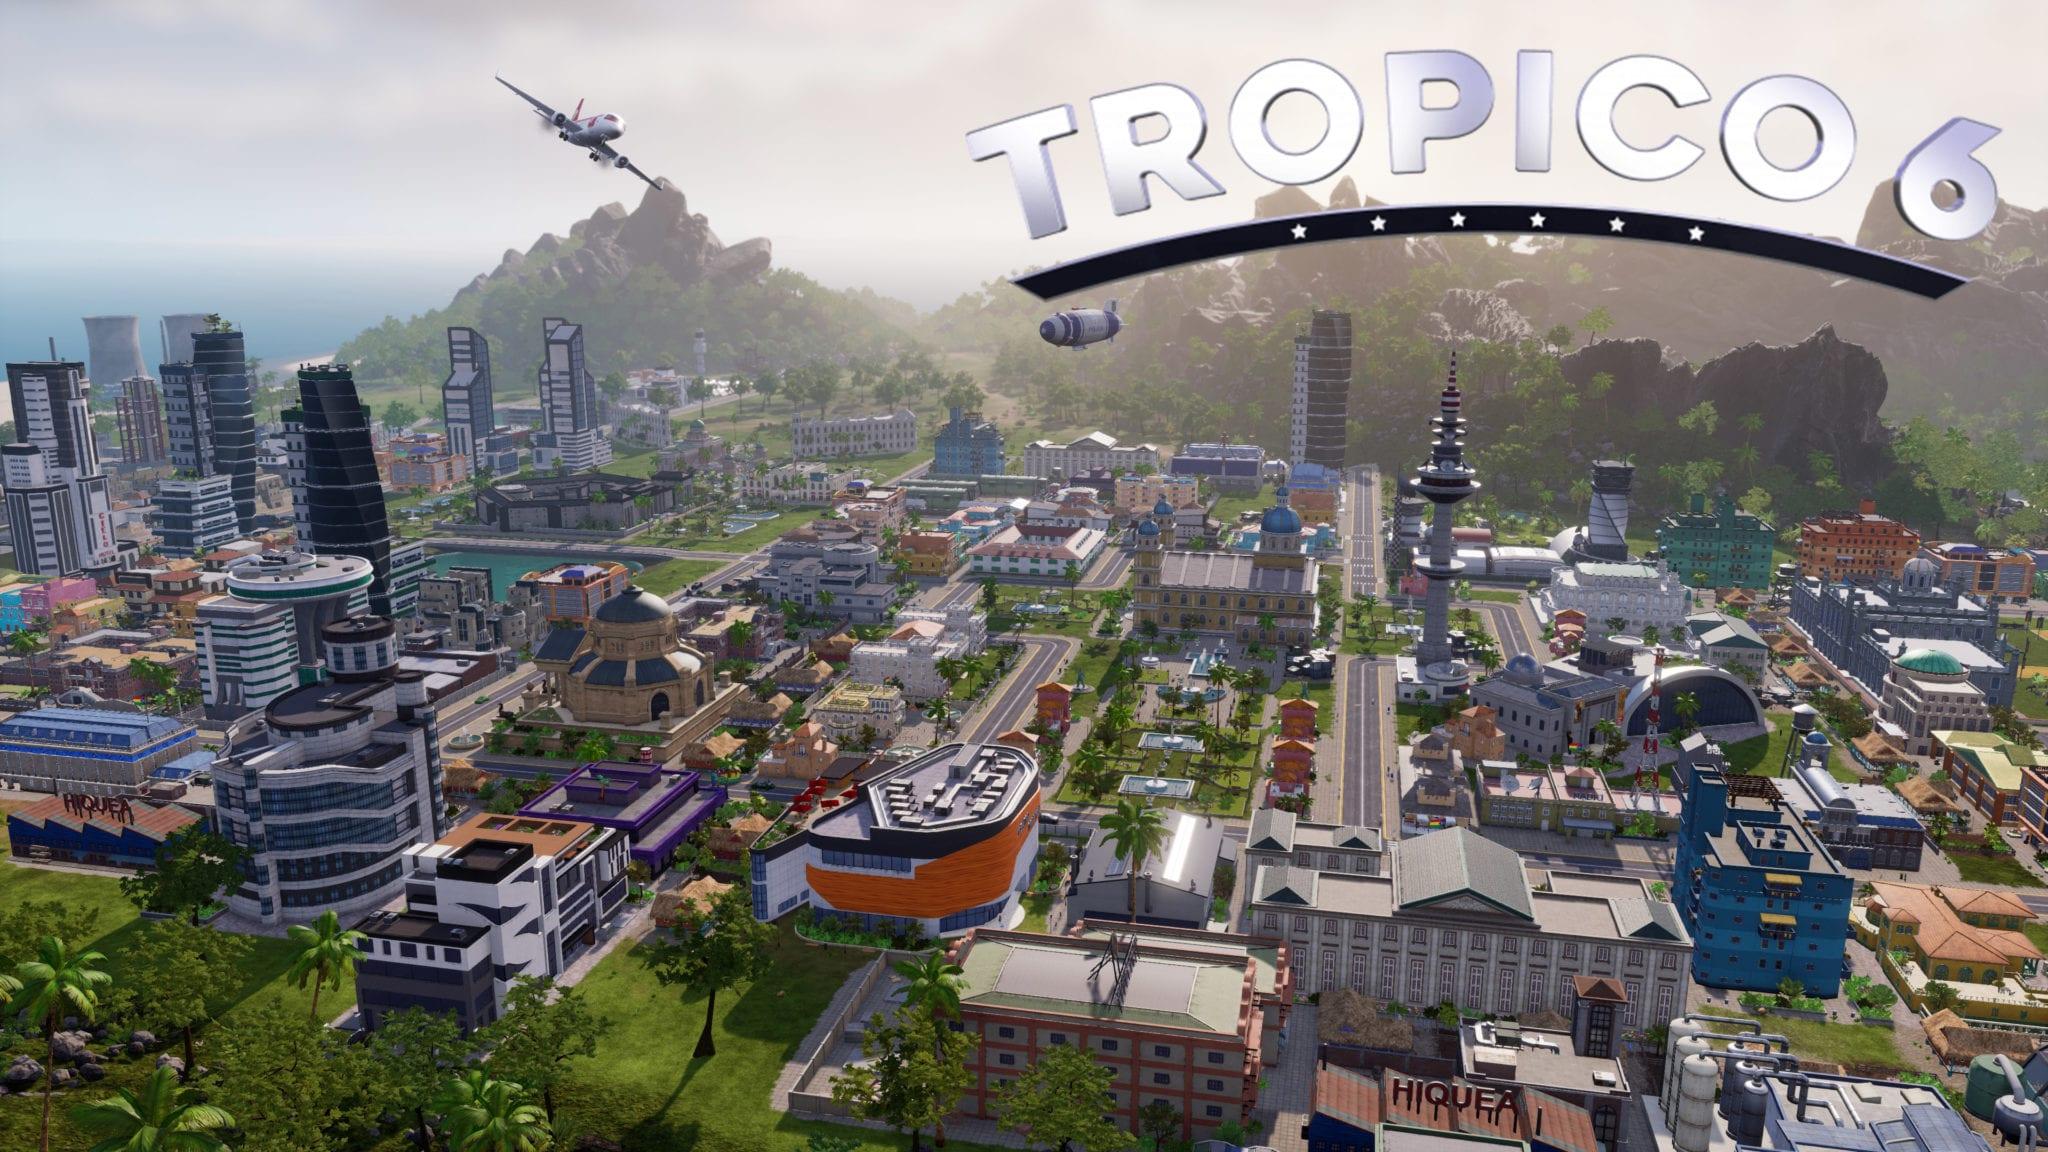 Game mô phỏng xây dựng thành phố pc -Tropico